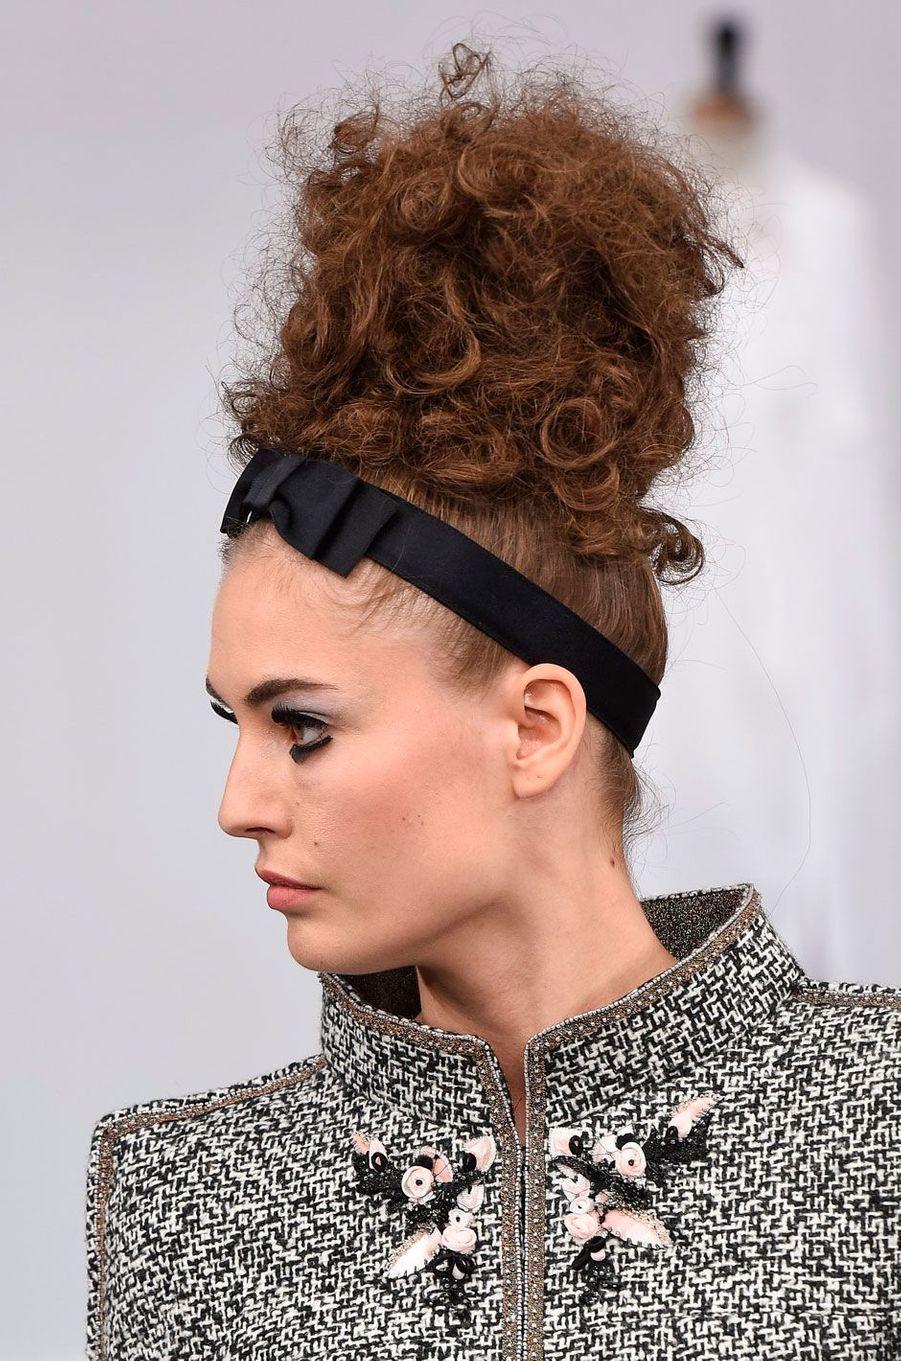 Les mannequins coiffées d'un chignon style Pompadour.